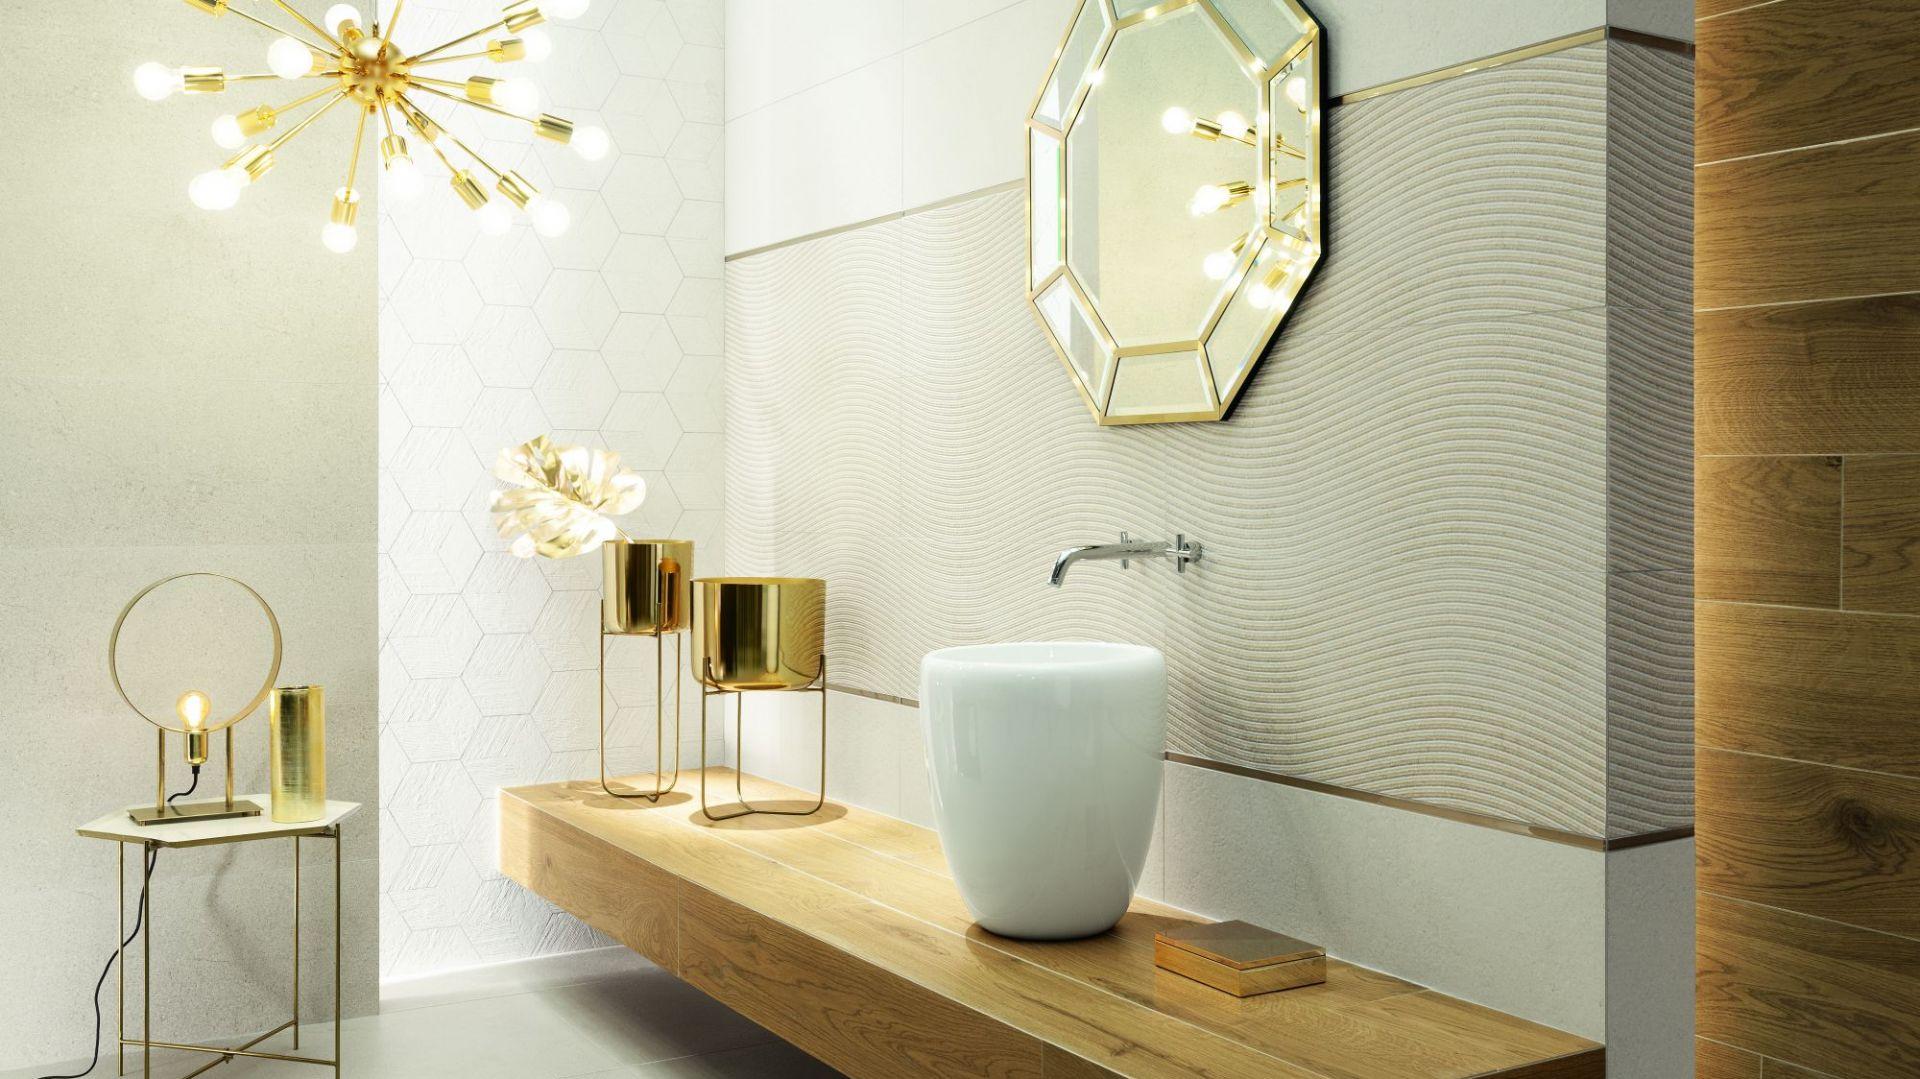 Aranżacja łazienki Dekory W Kolorze Złota